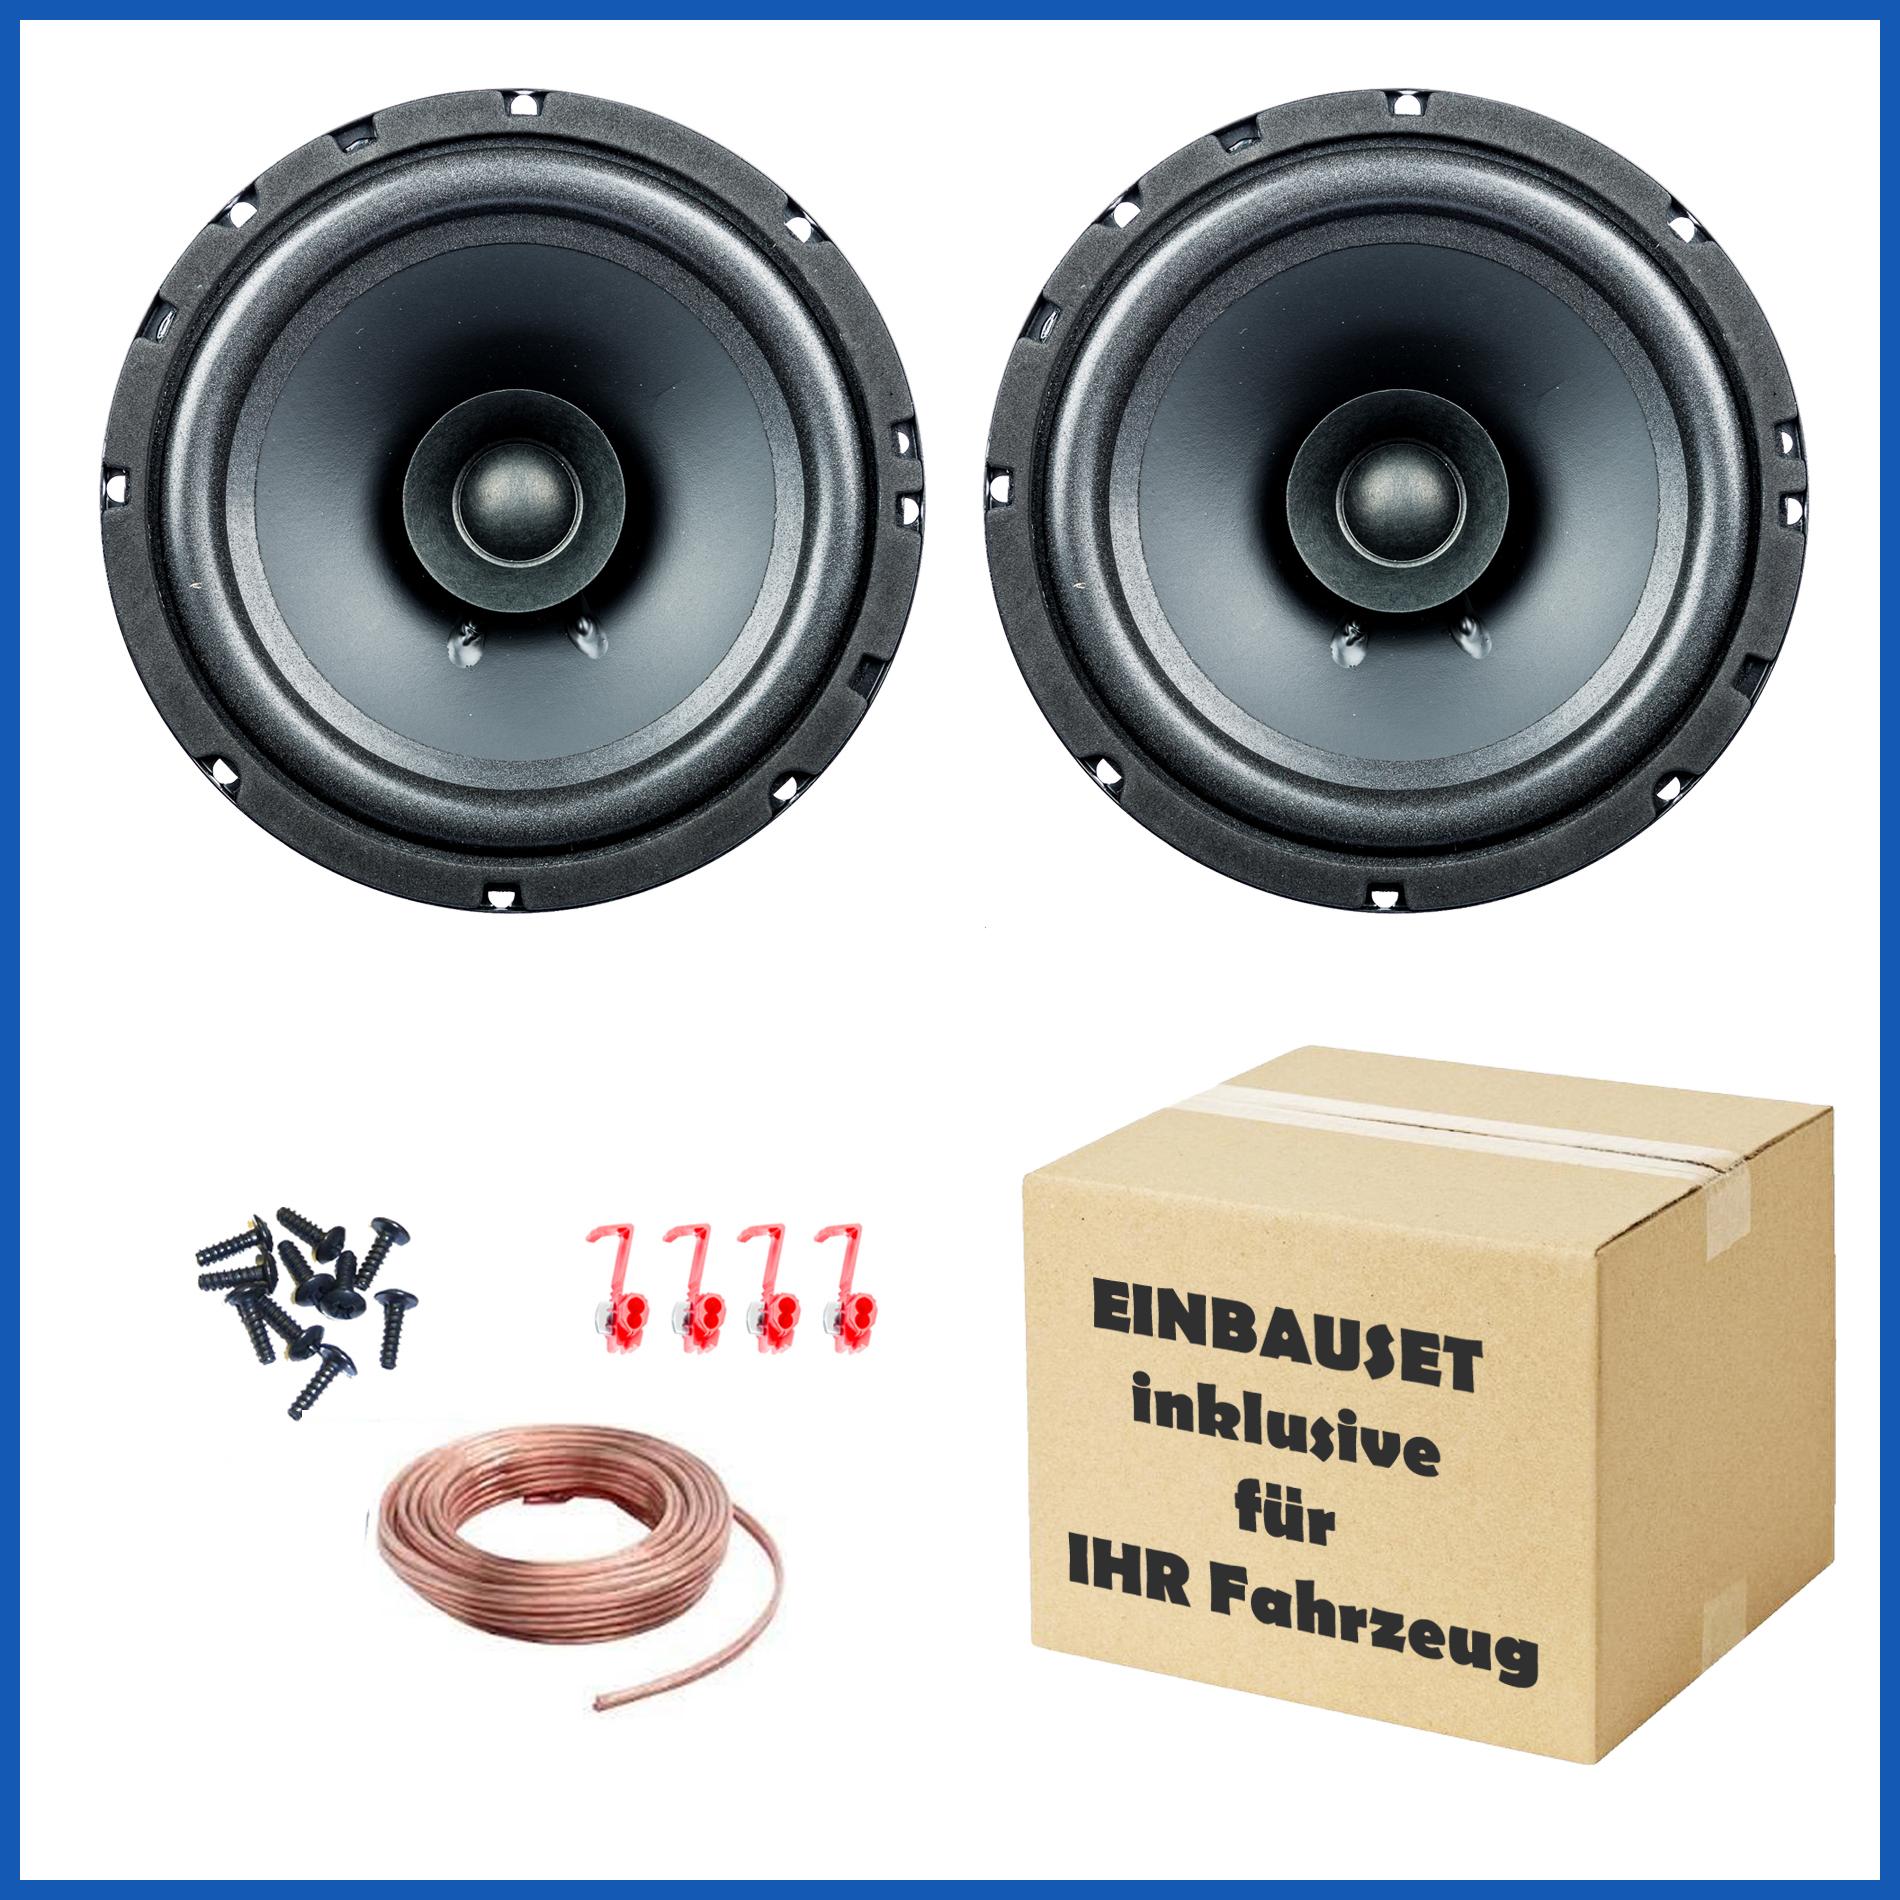 1 Paar PG Audio EVO I 16.2, 16 cm Dual Cone Lautsprecher für Chevrolet,Daewoo,Daihatsu, Honda,Hyundai,Kia,Mitsubishi, Nissan,Suzuki & Toyota – Bild 1